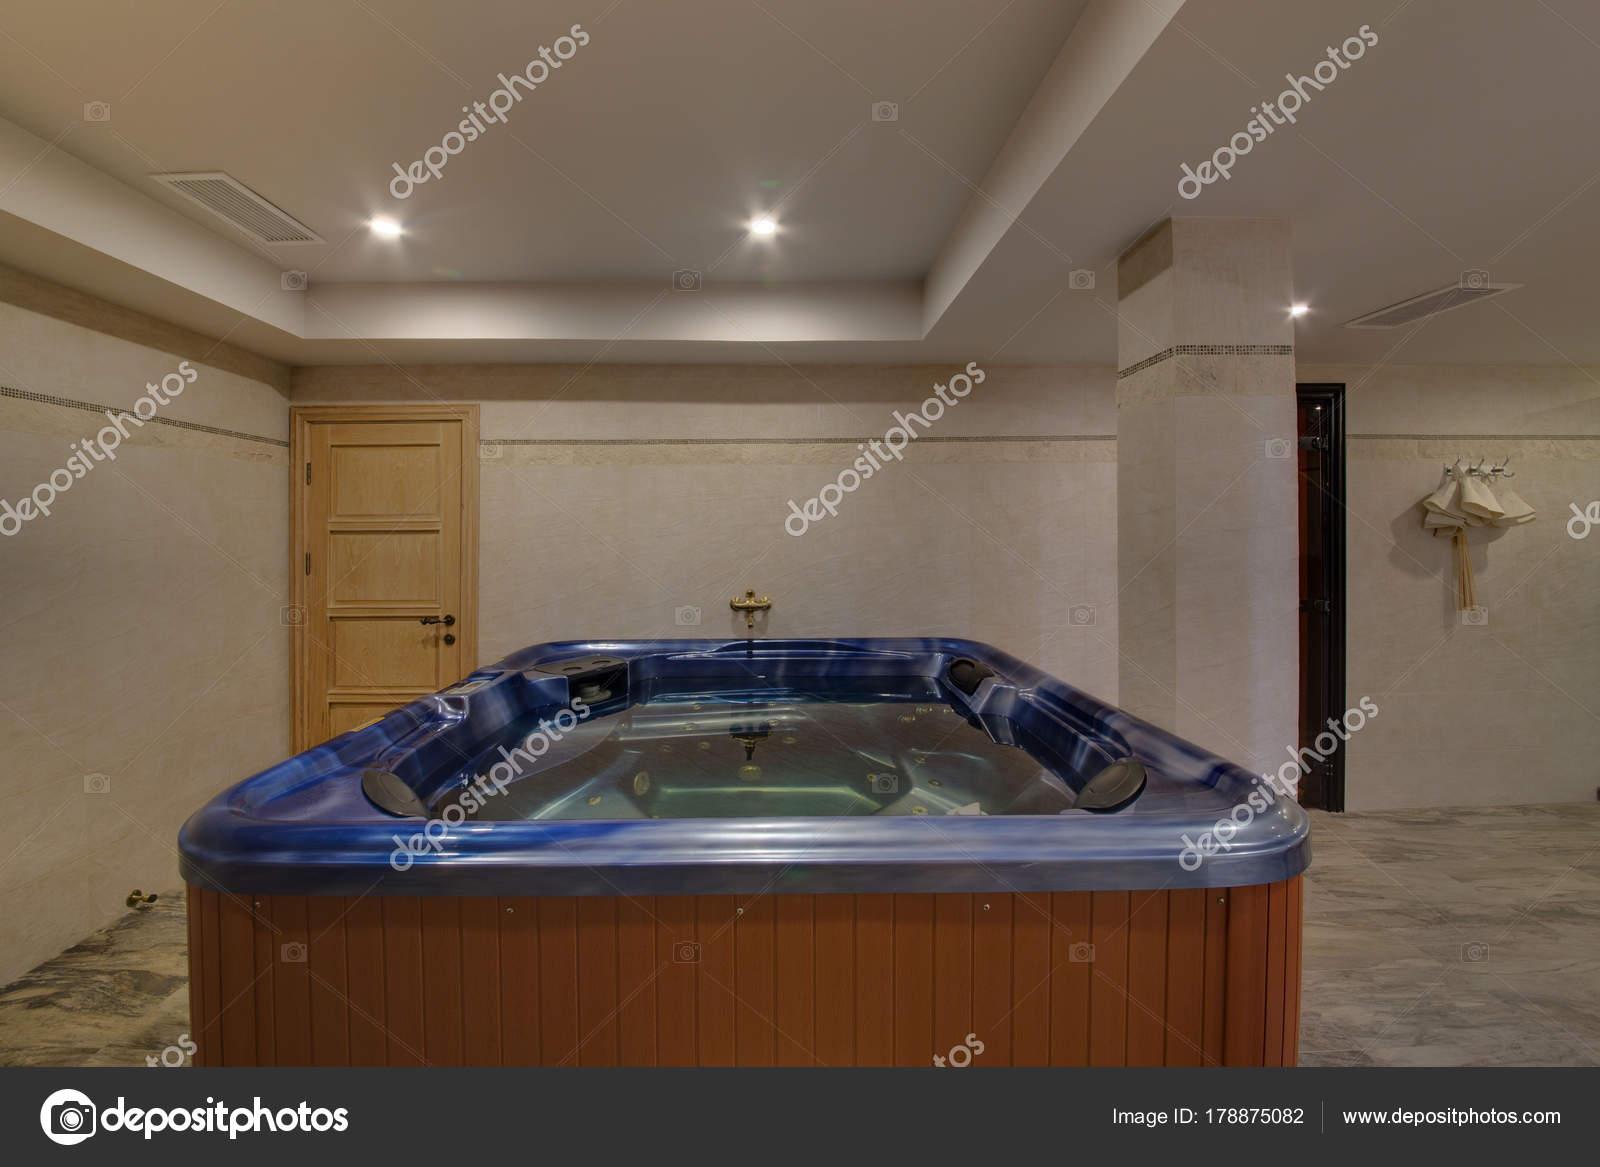 Vasca Da Bagno Trasparente : Vasca bagno con jacuzzi riempito con acqua trasparente u2014 foto stock